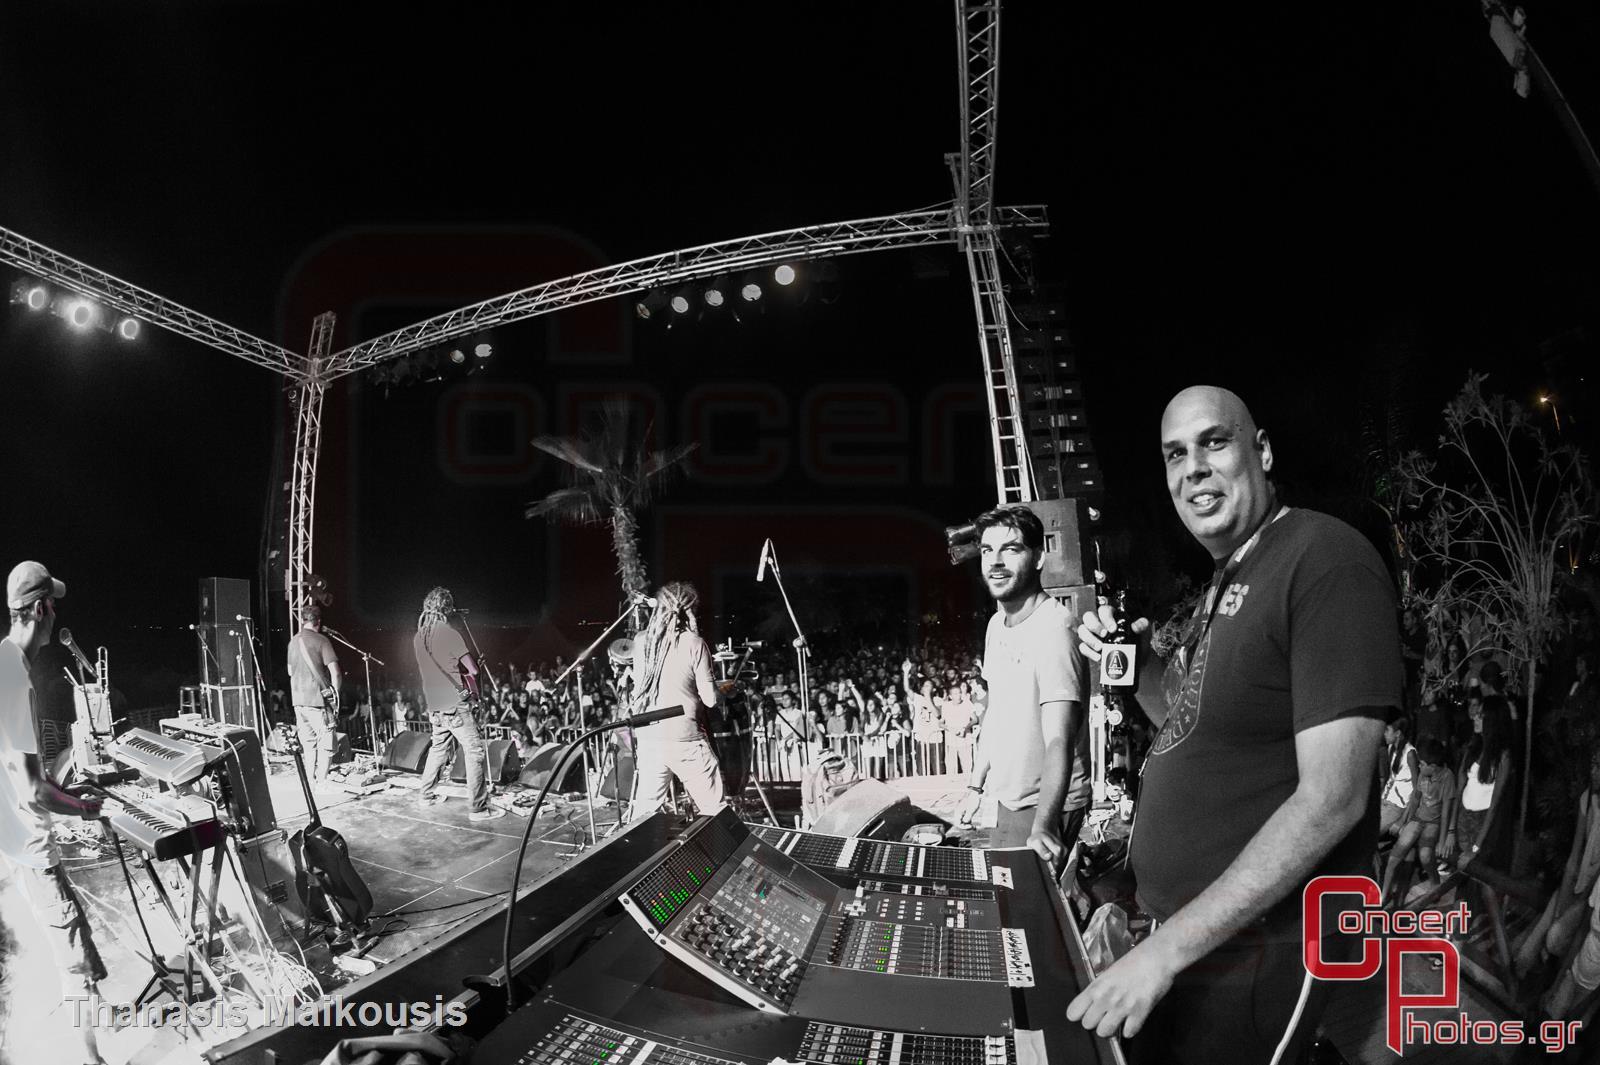 Locomondo-Locomondo 2013 Bolivar photographer: Thanasis Maikousis - concertphotos_-6503